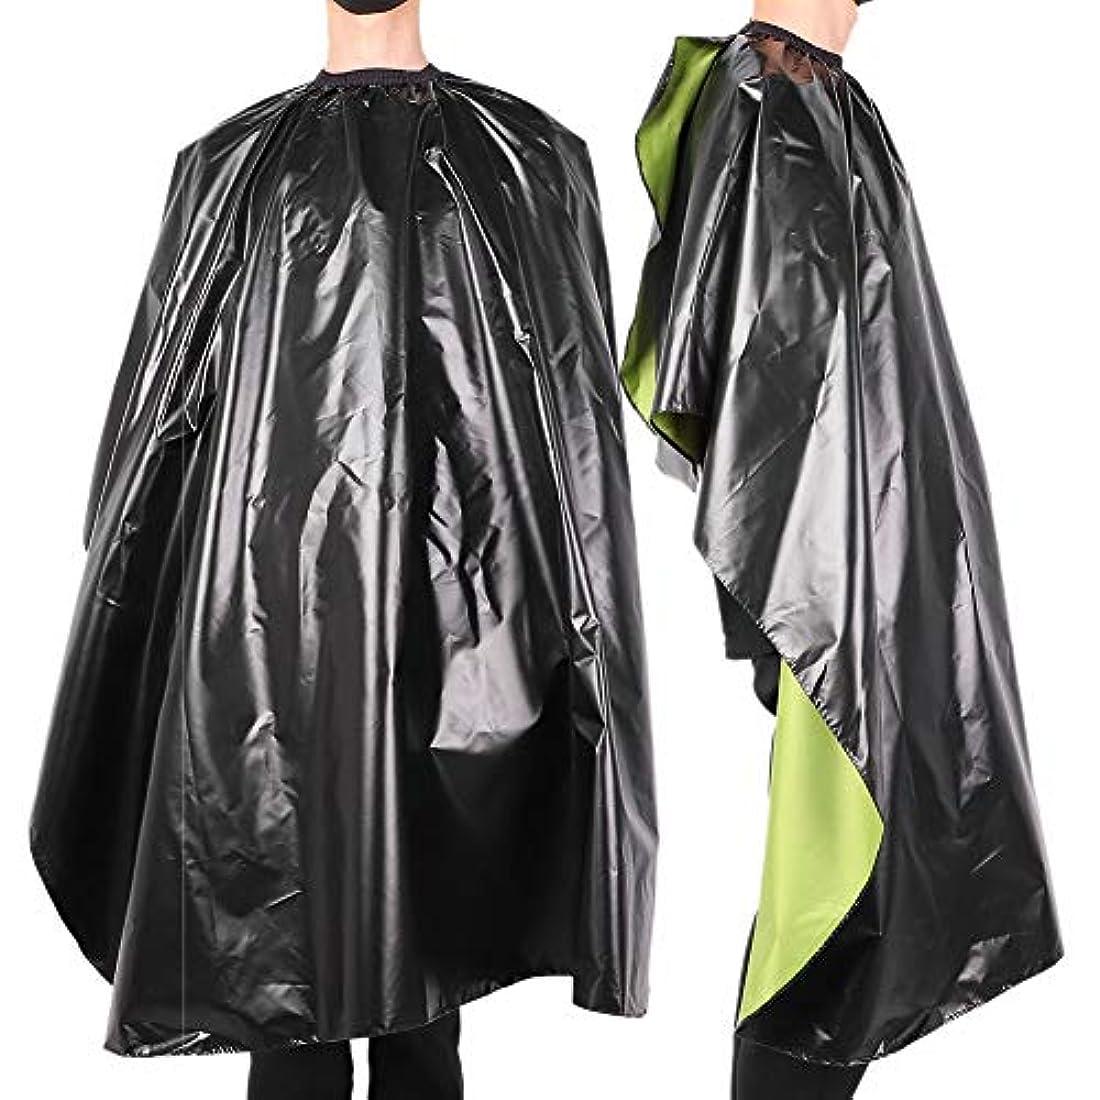 集中オーナメント降雨防水 調節可能 サロン 散髪 ヘアスタイリングケープガウン 大人の理髪バーバーラップエプロン-ヘアカット、染色、パーマ、カラーリング、看護に最適